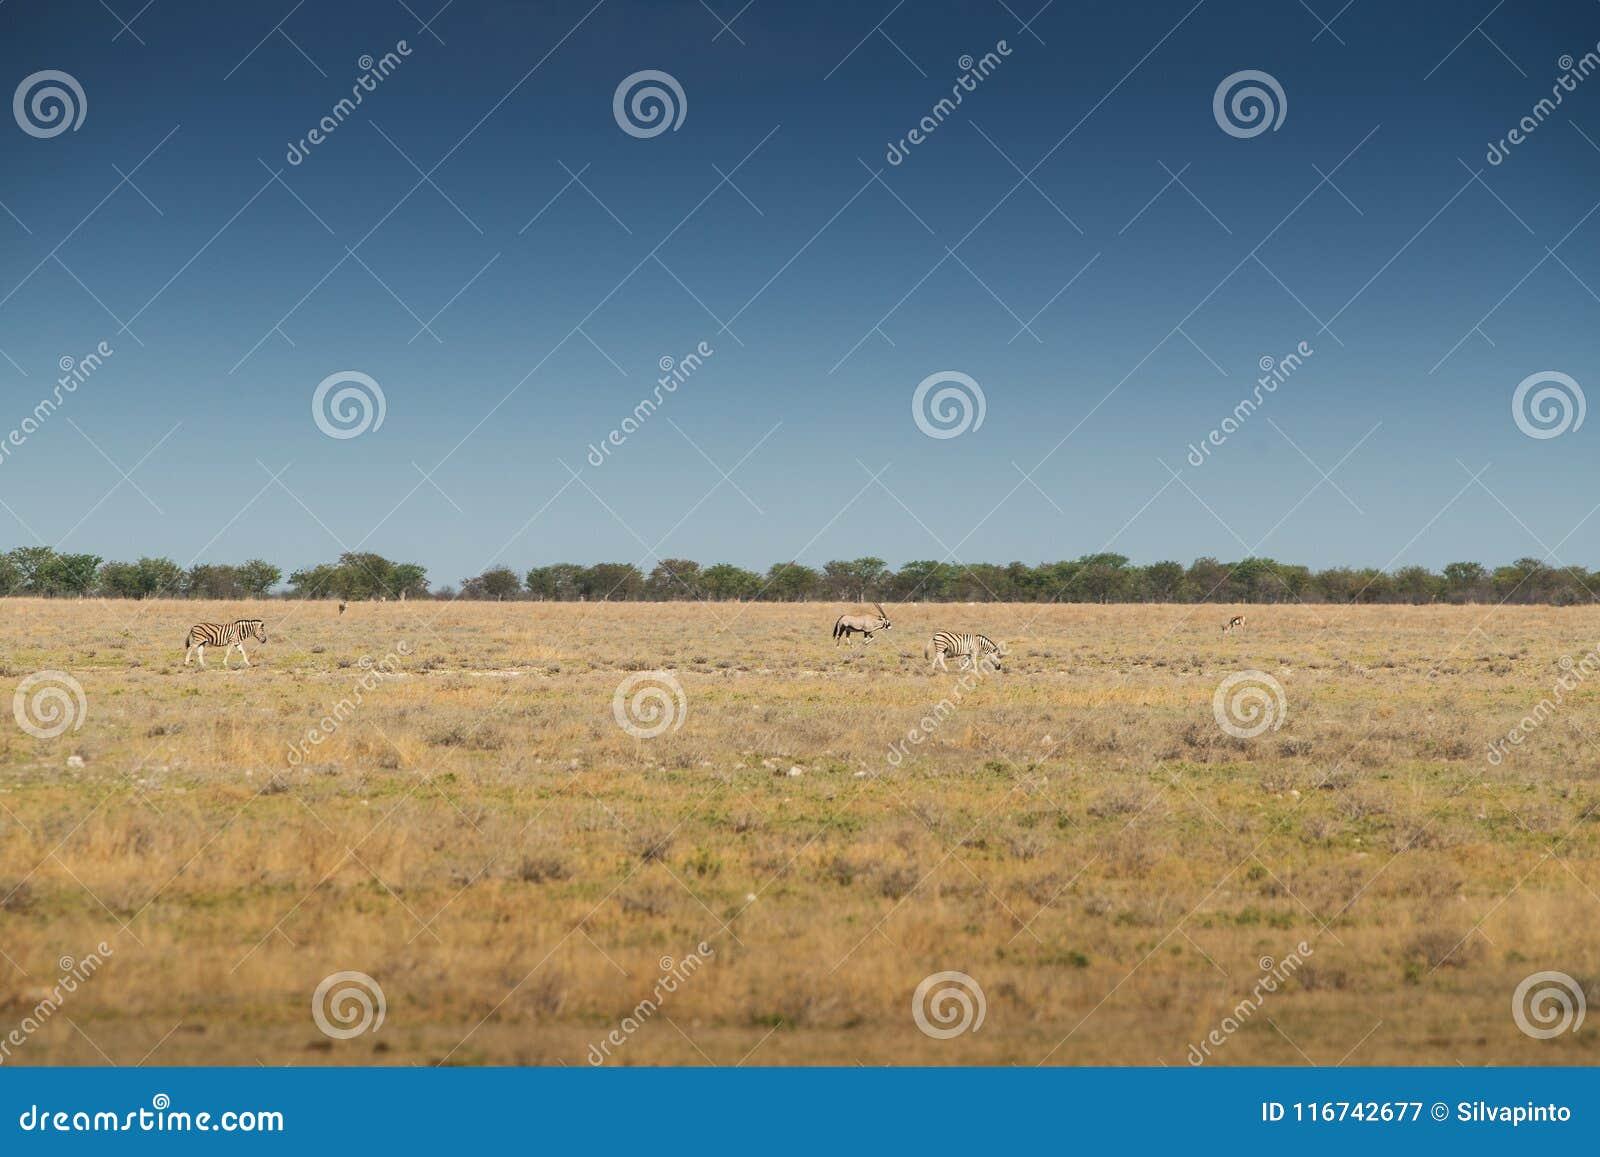 Зебры и почёт, который нужно идти на саванну Etosha вышесказанного